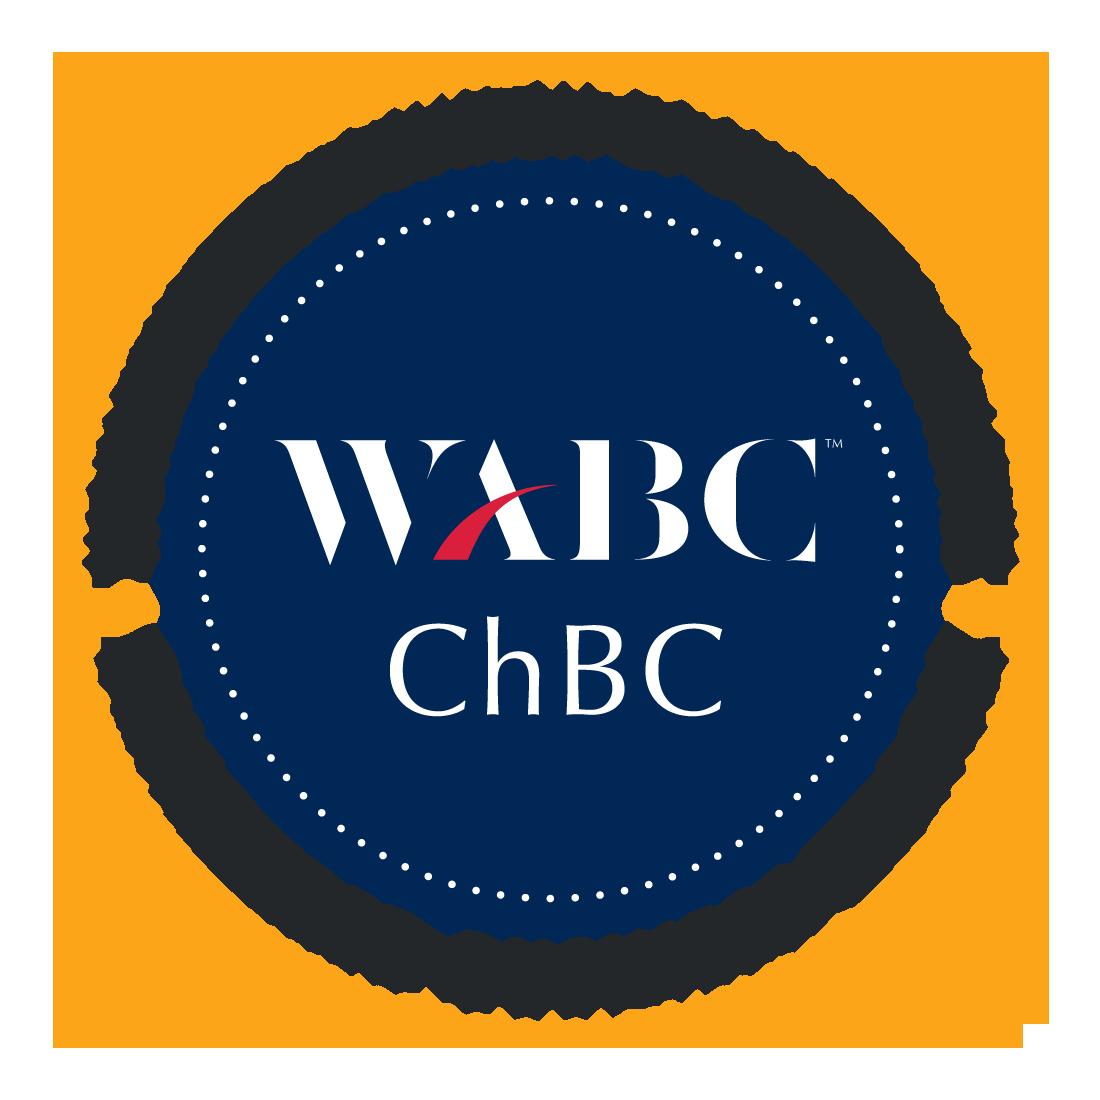 WABC ChBC Credential Badge